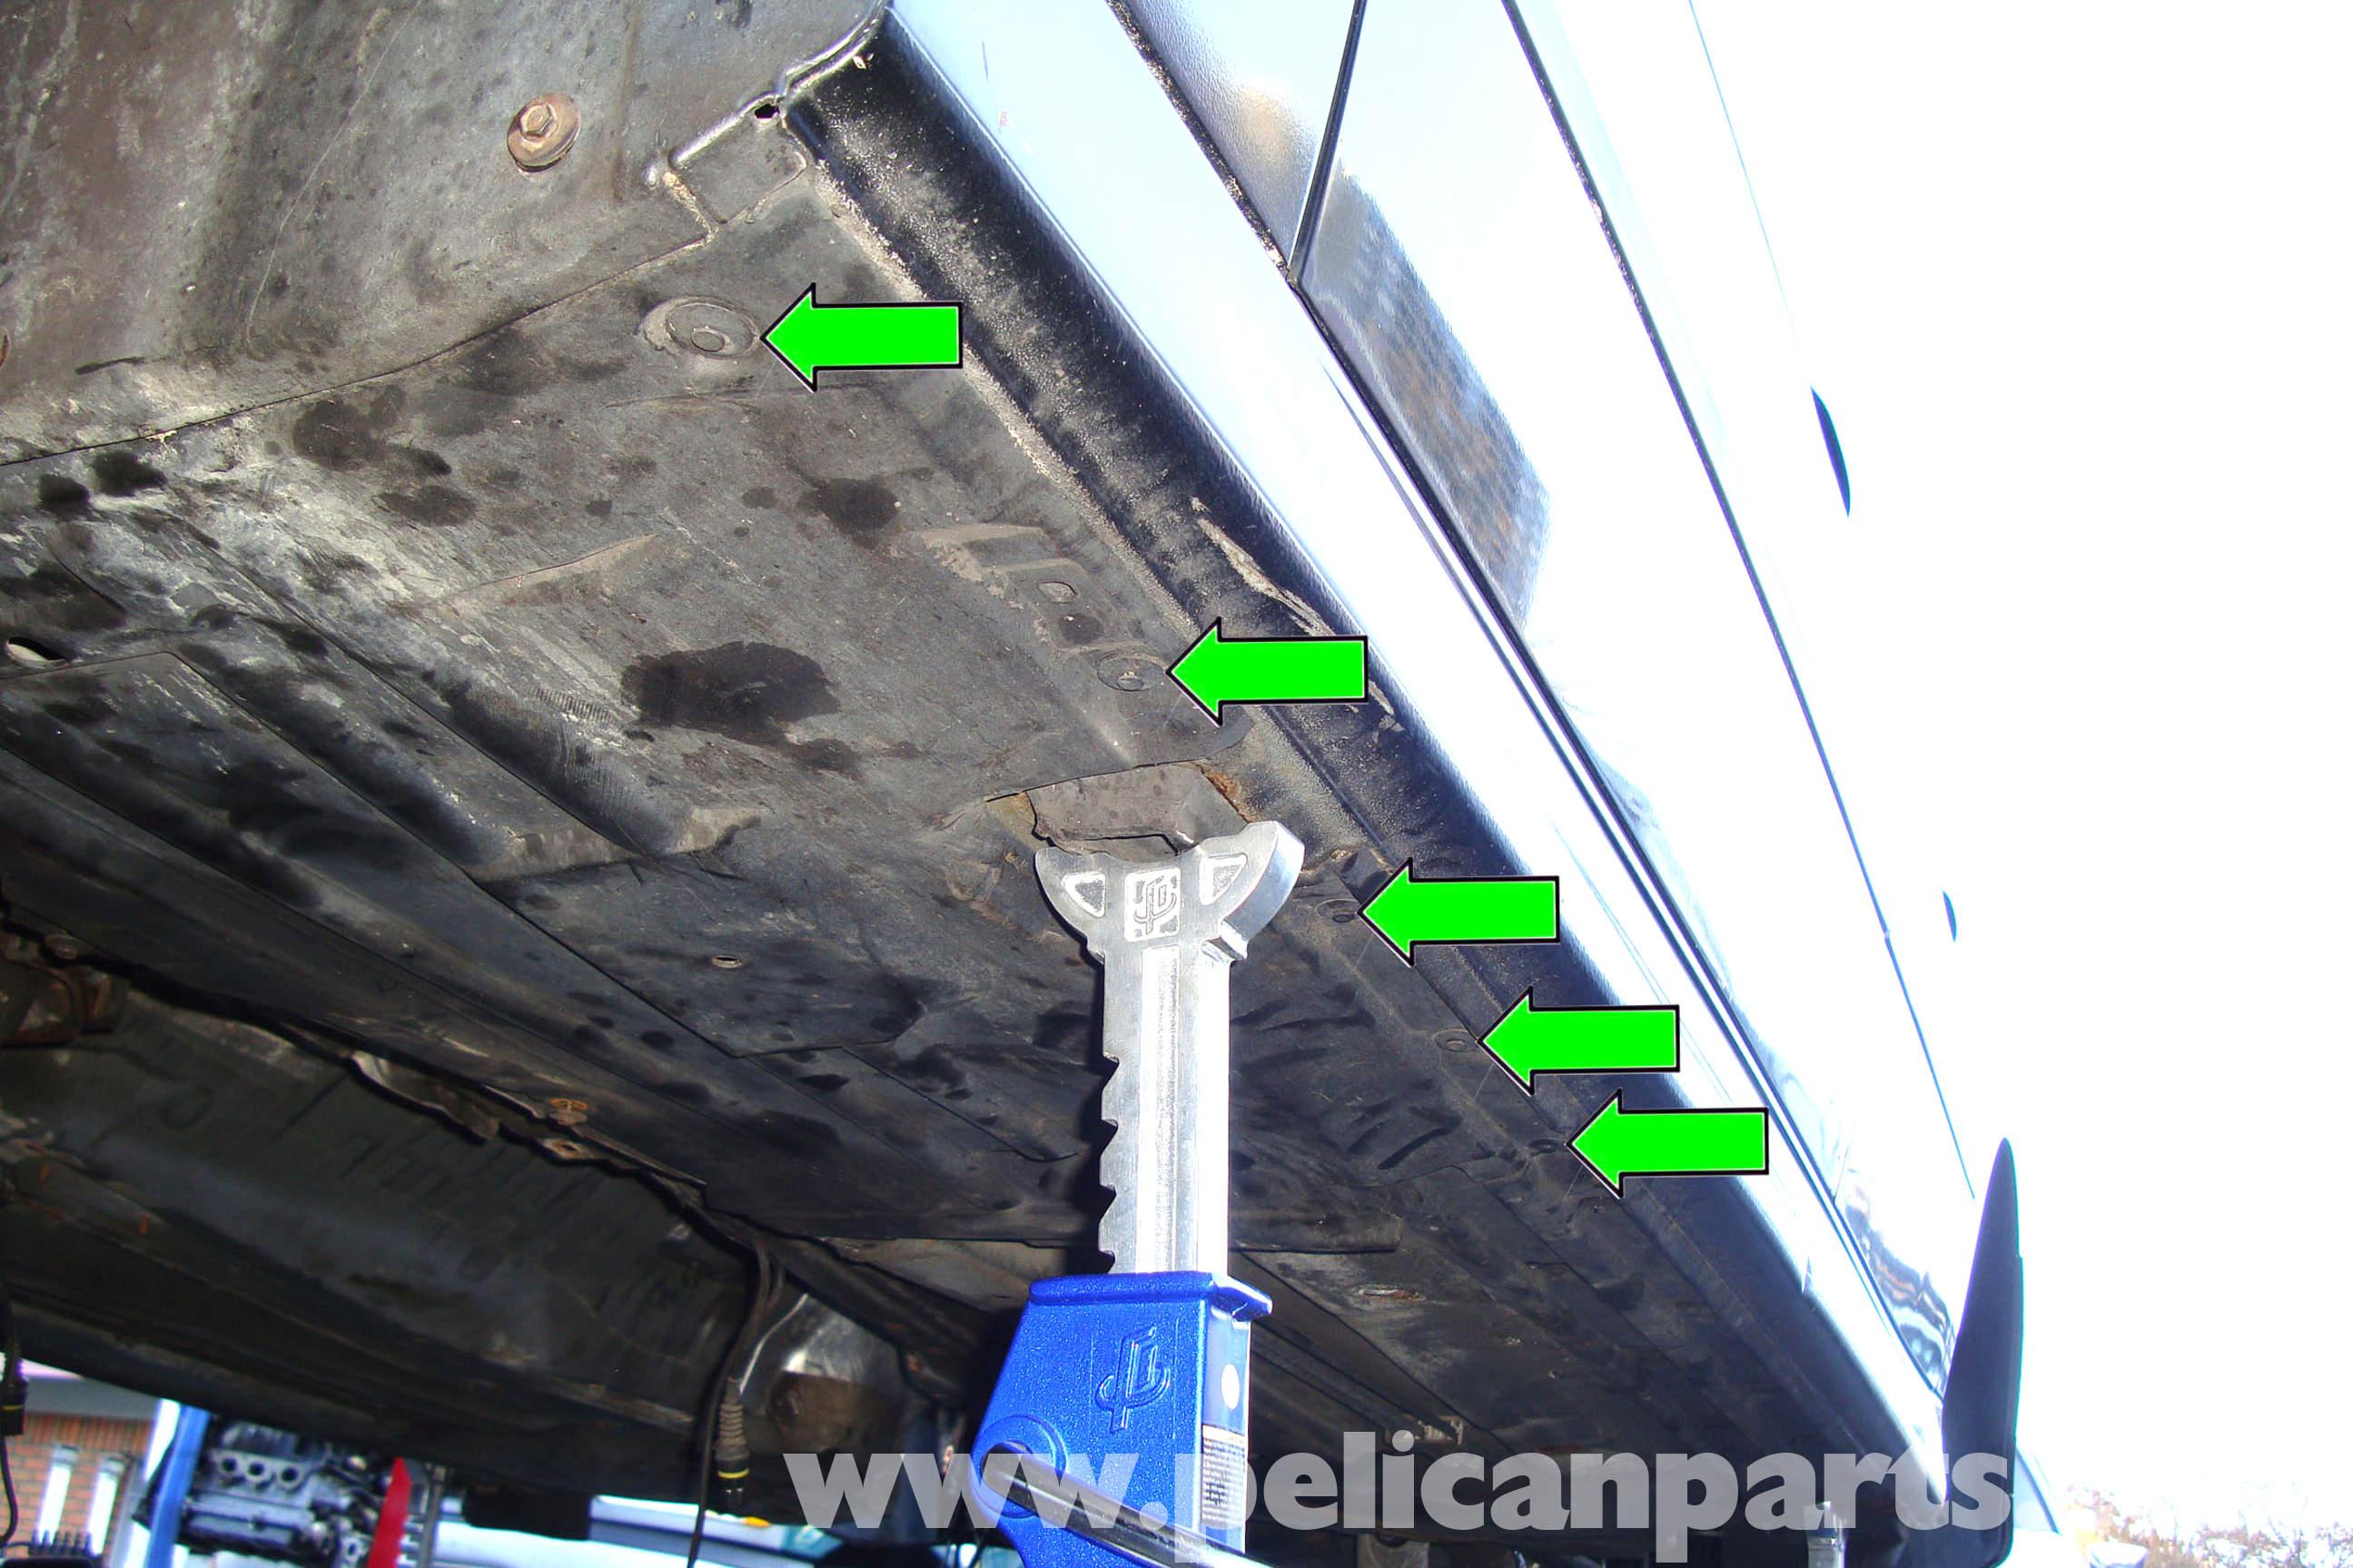 bmw e39 5-series fuel filter replacement | 1997-2003 525i, 528i, 530i, 540i  | pelican parts diy maintenance article  pelican parts